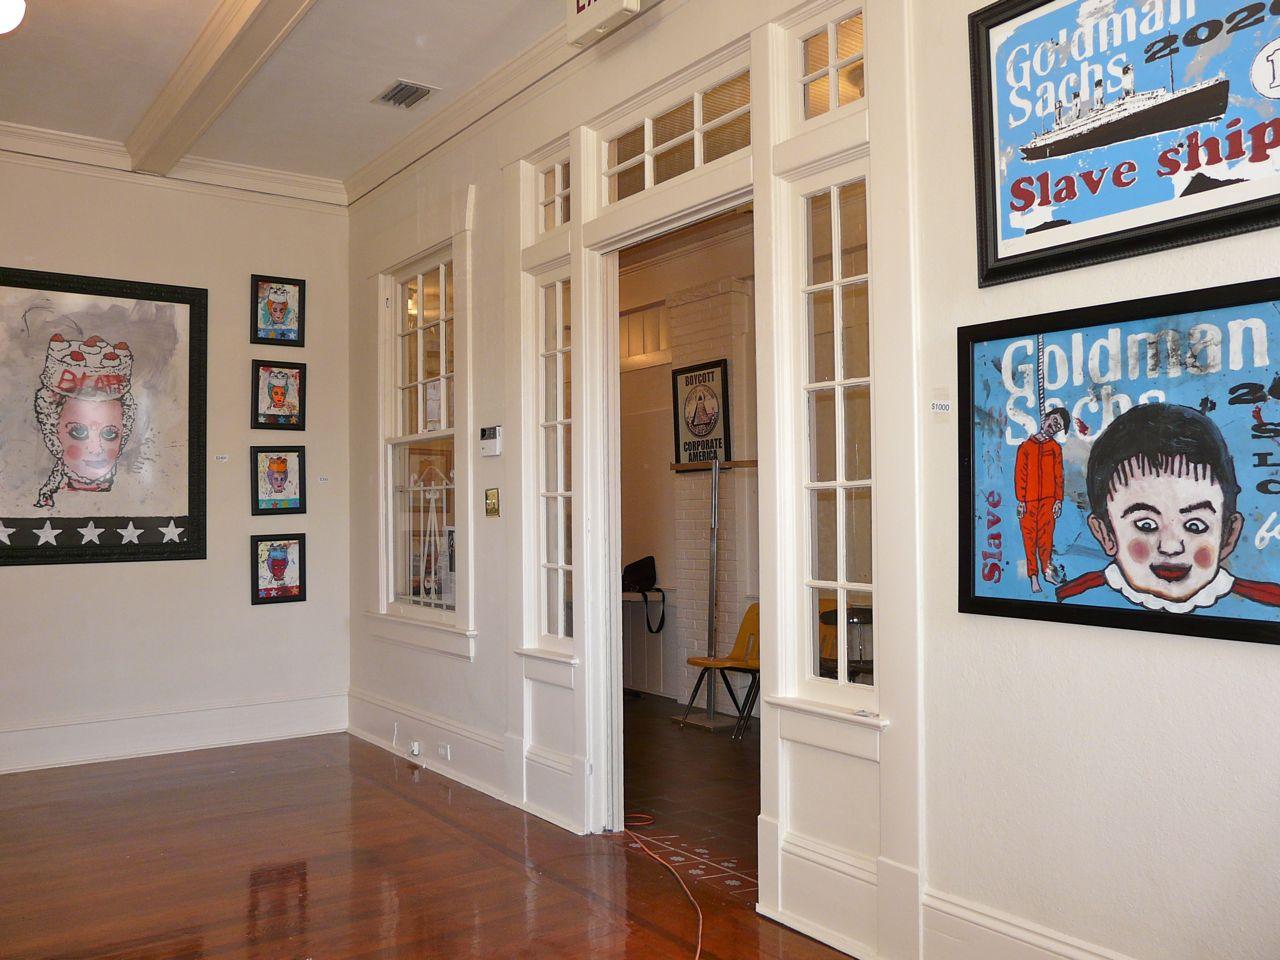 versus gallery interior door and art.jpg